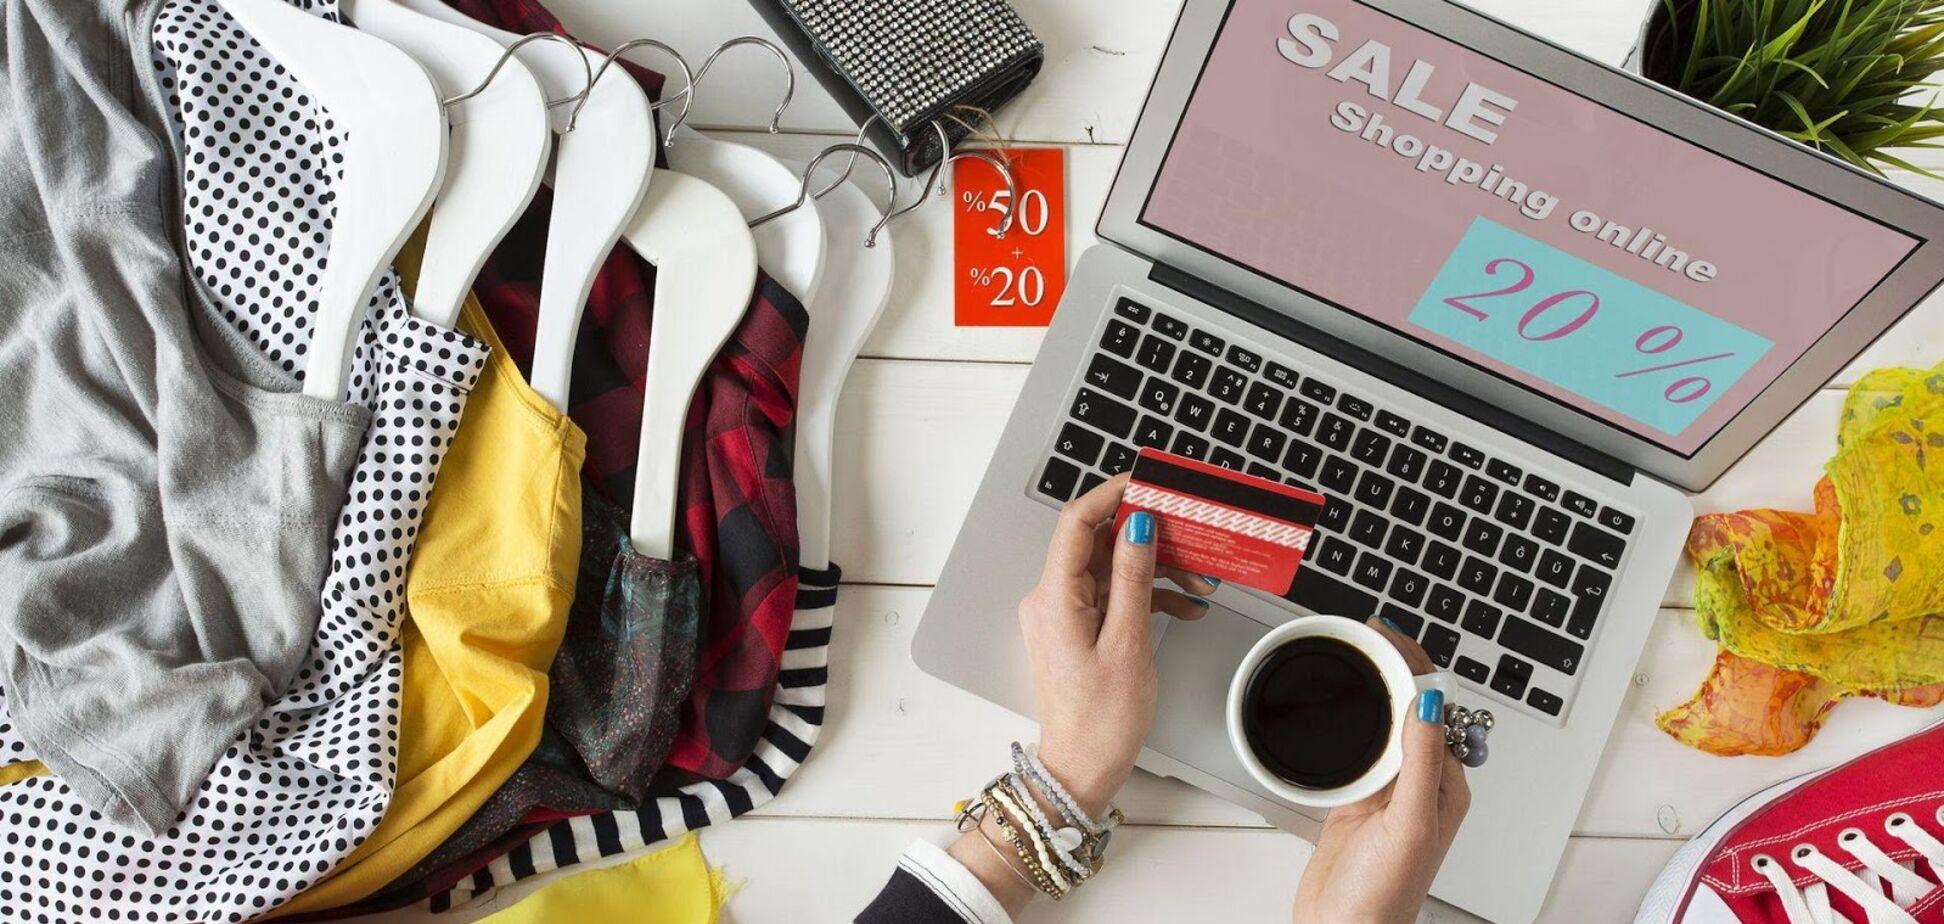 Летний сезон в плюсе: лучшие скидки на популярные товары от онлайн-магазинов